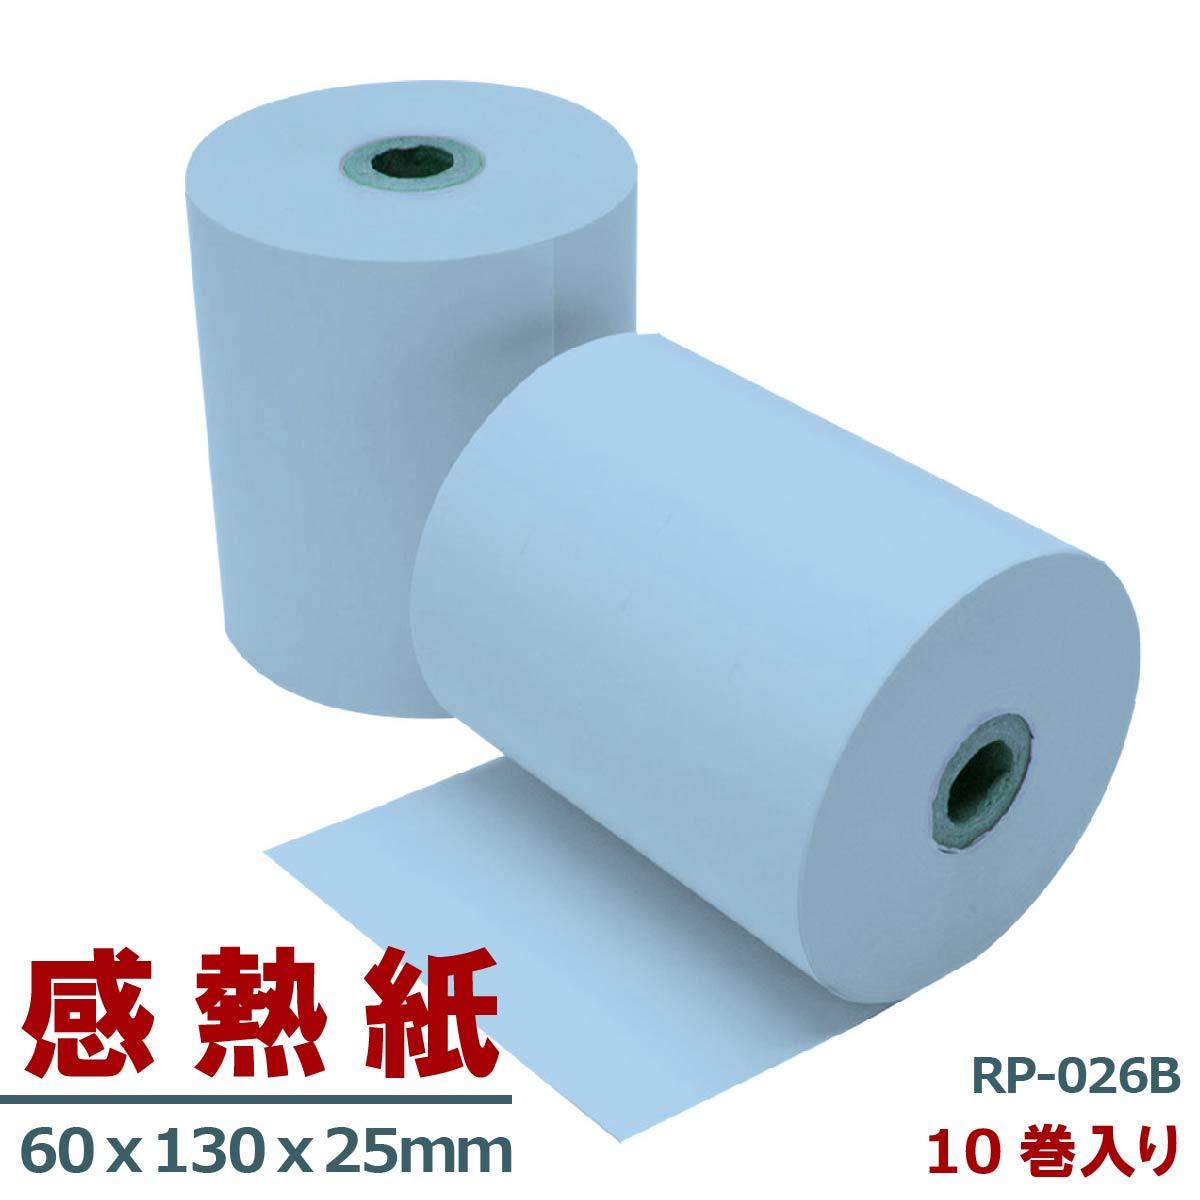 領収証発行 感熱紙 60×130×25ブルー 10巻入 セール 特集 大特価 レジロール RP-026B 60×130×25 限定モデル ロール紙 5000円以上送料無料 ブルー